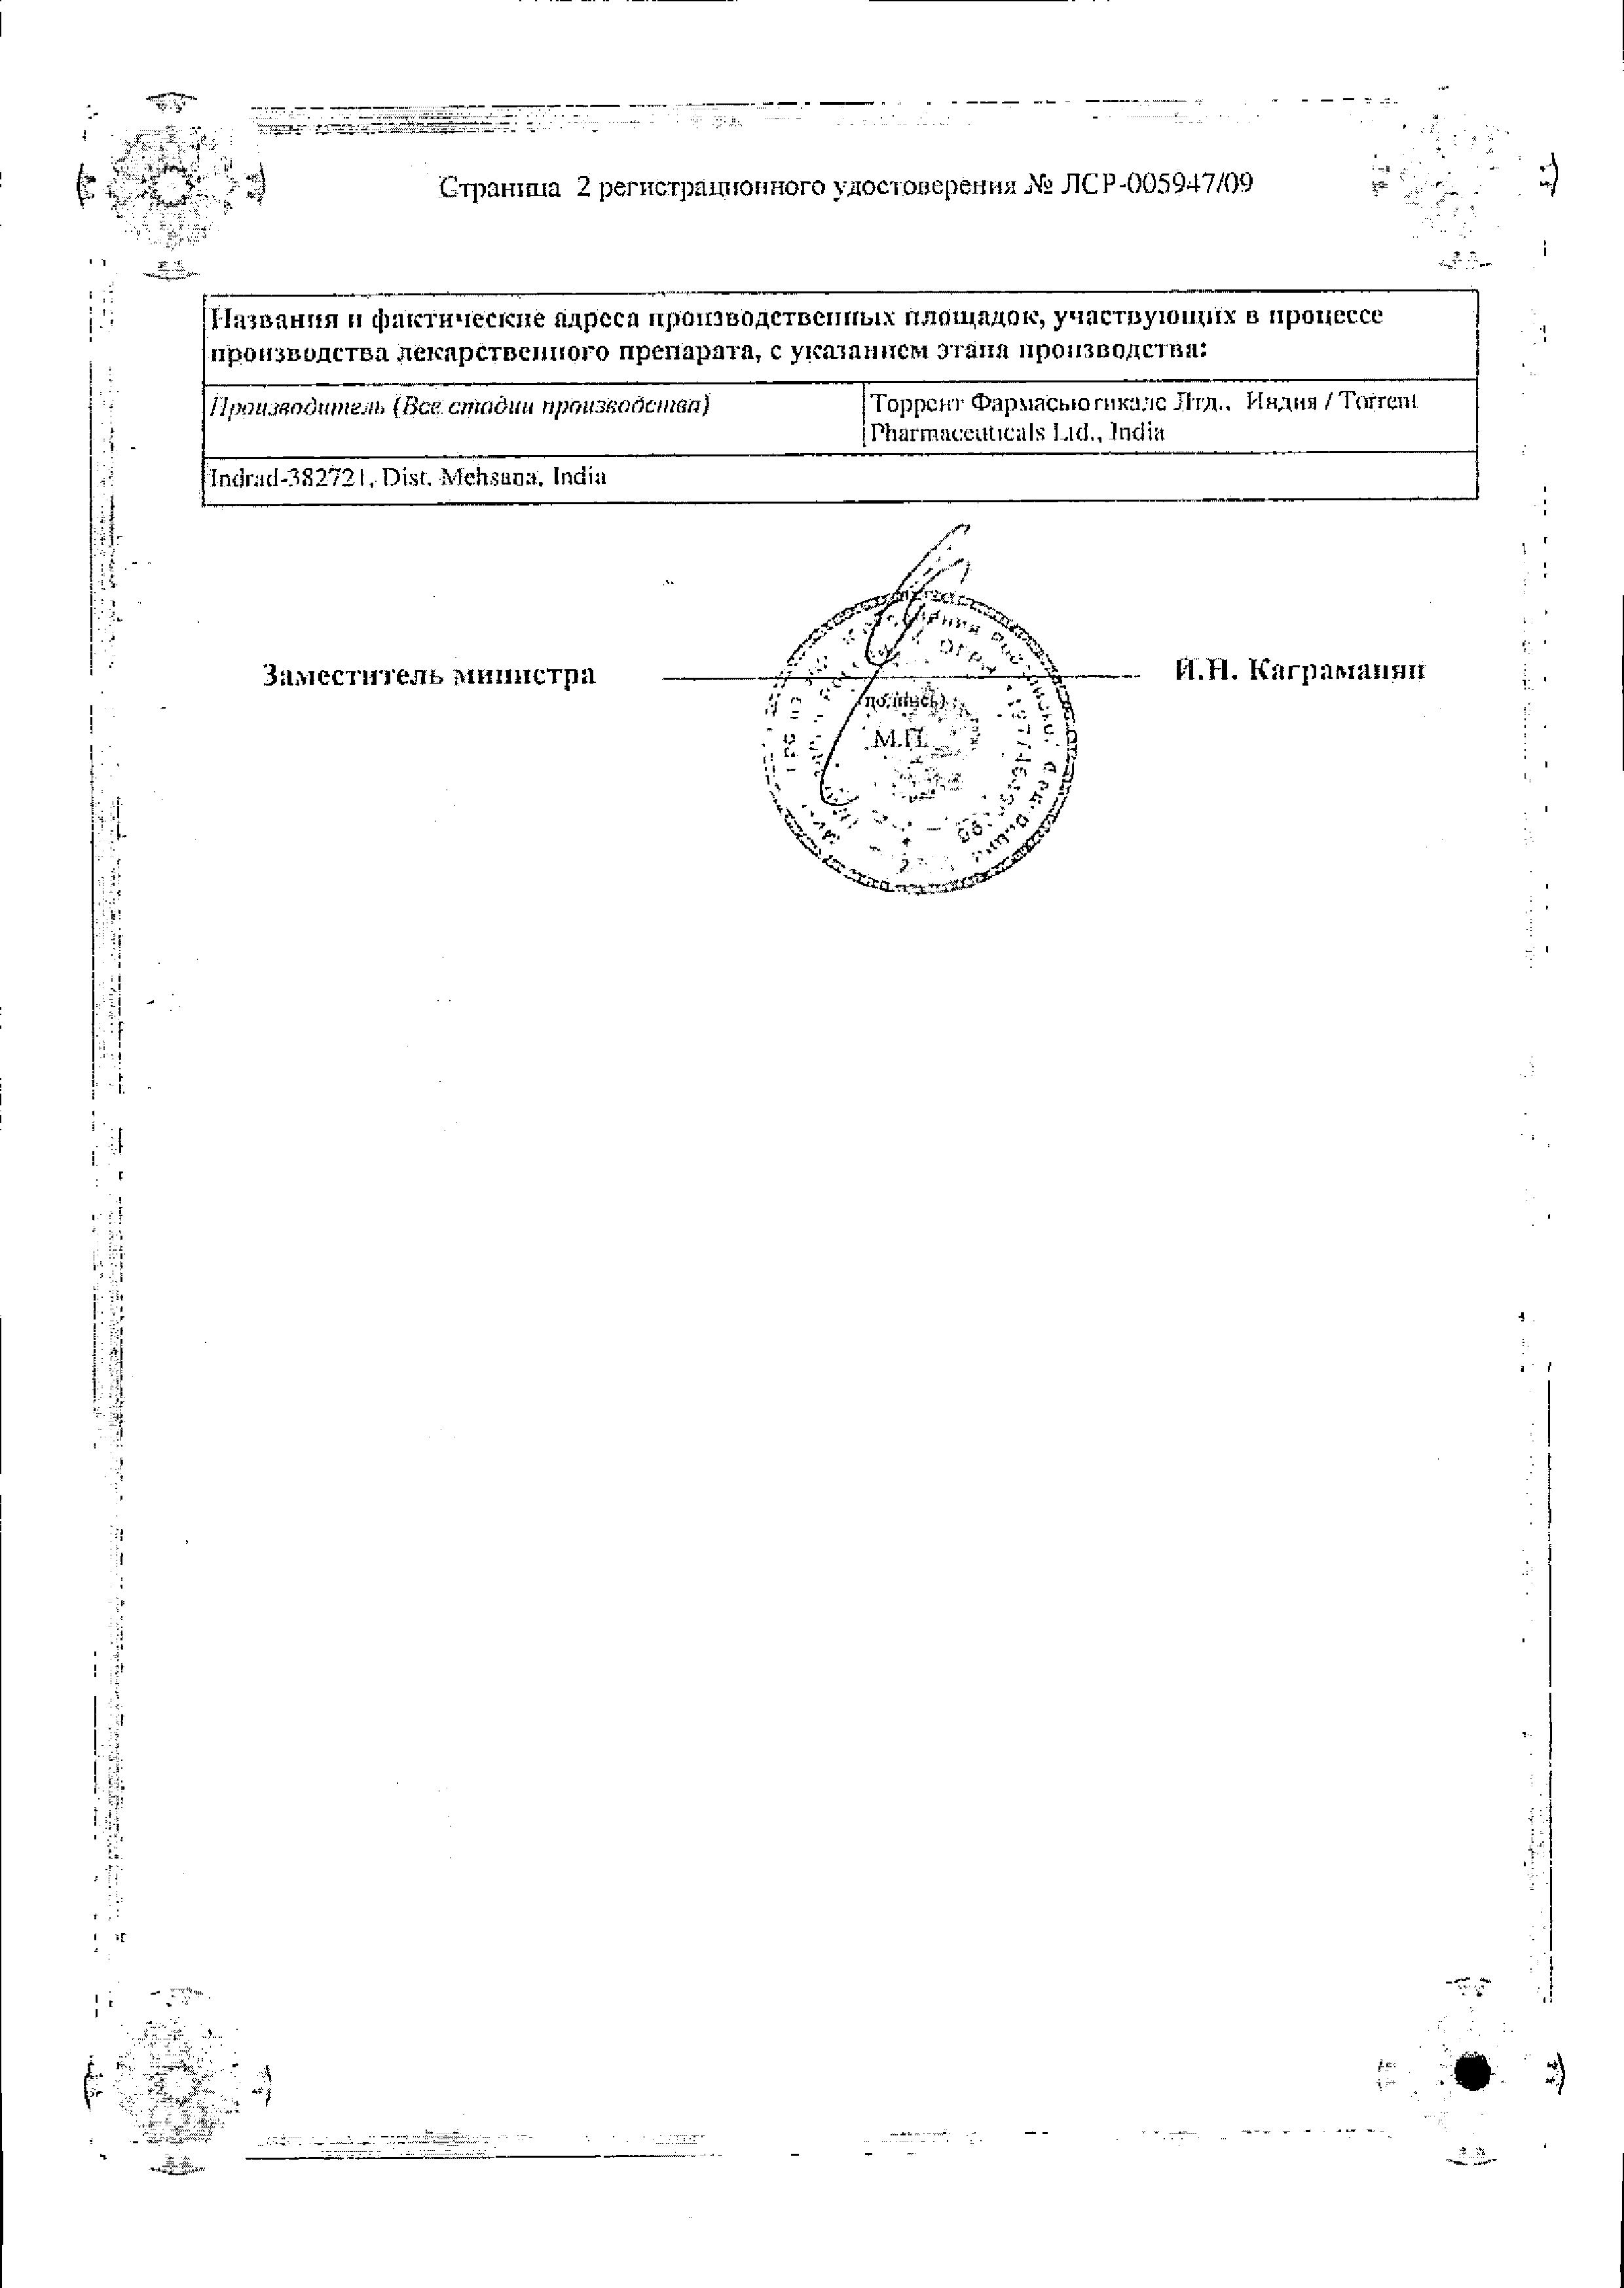 Небиватор сертификат